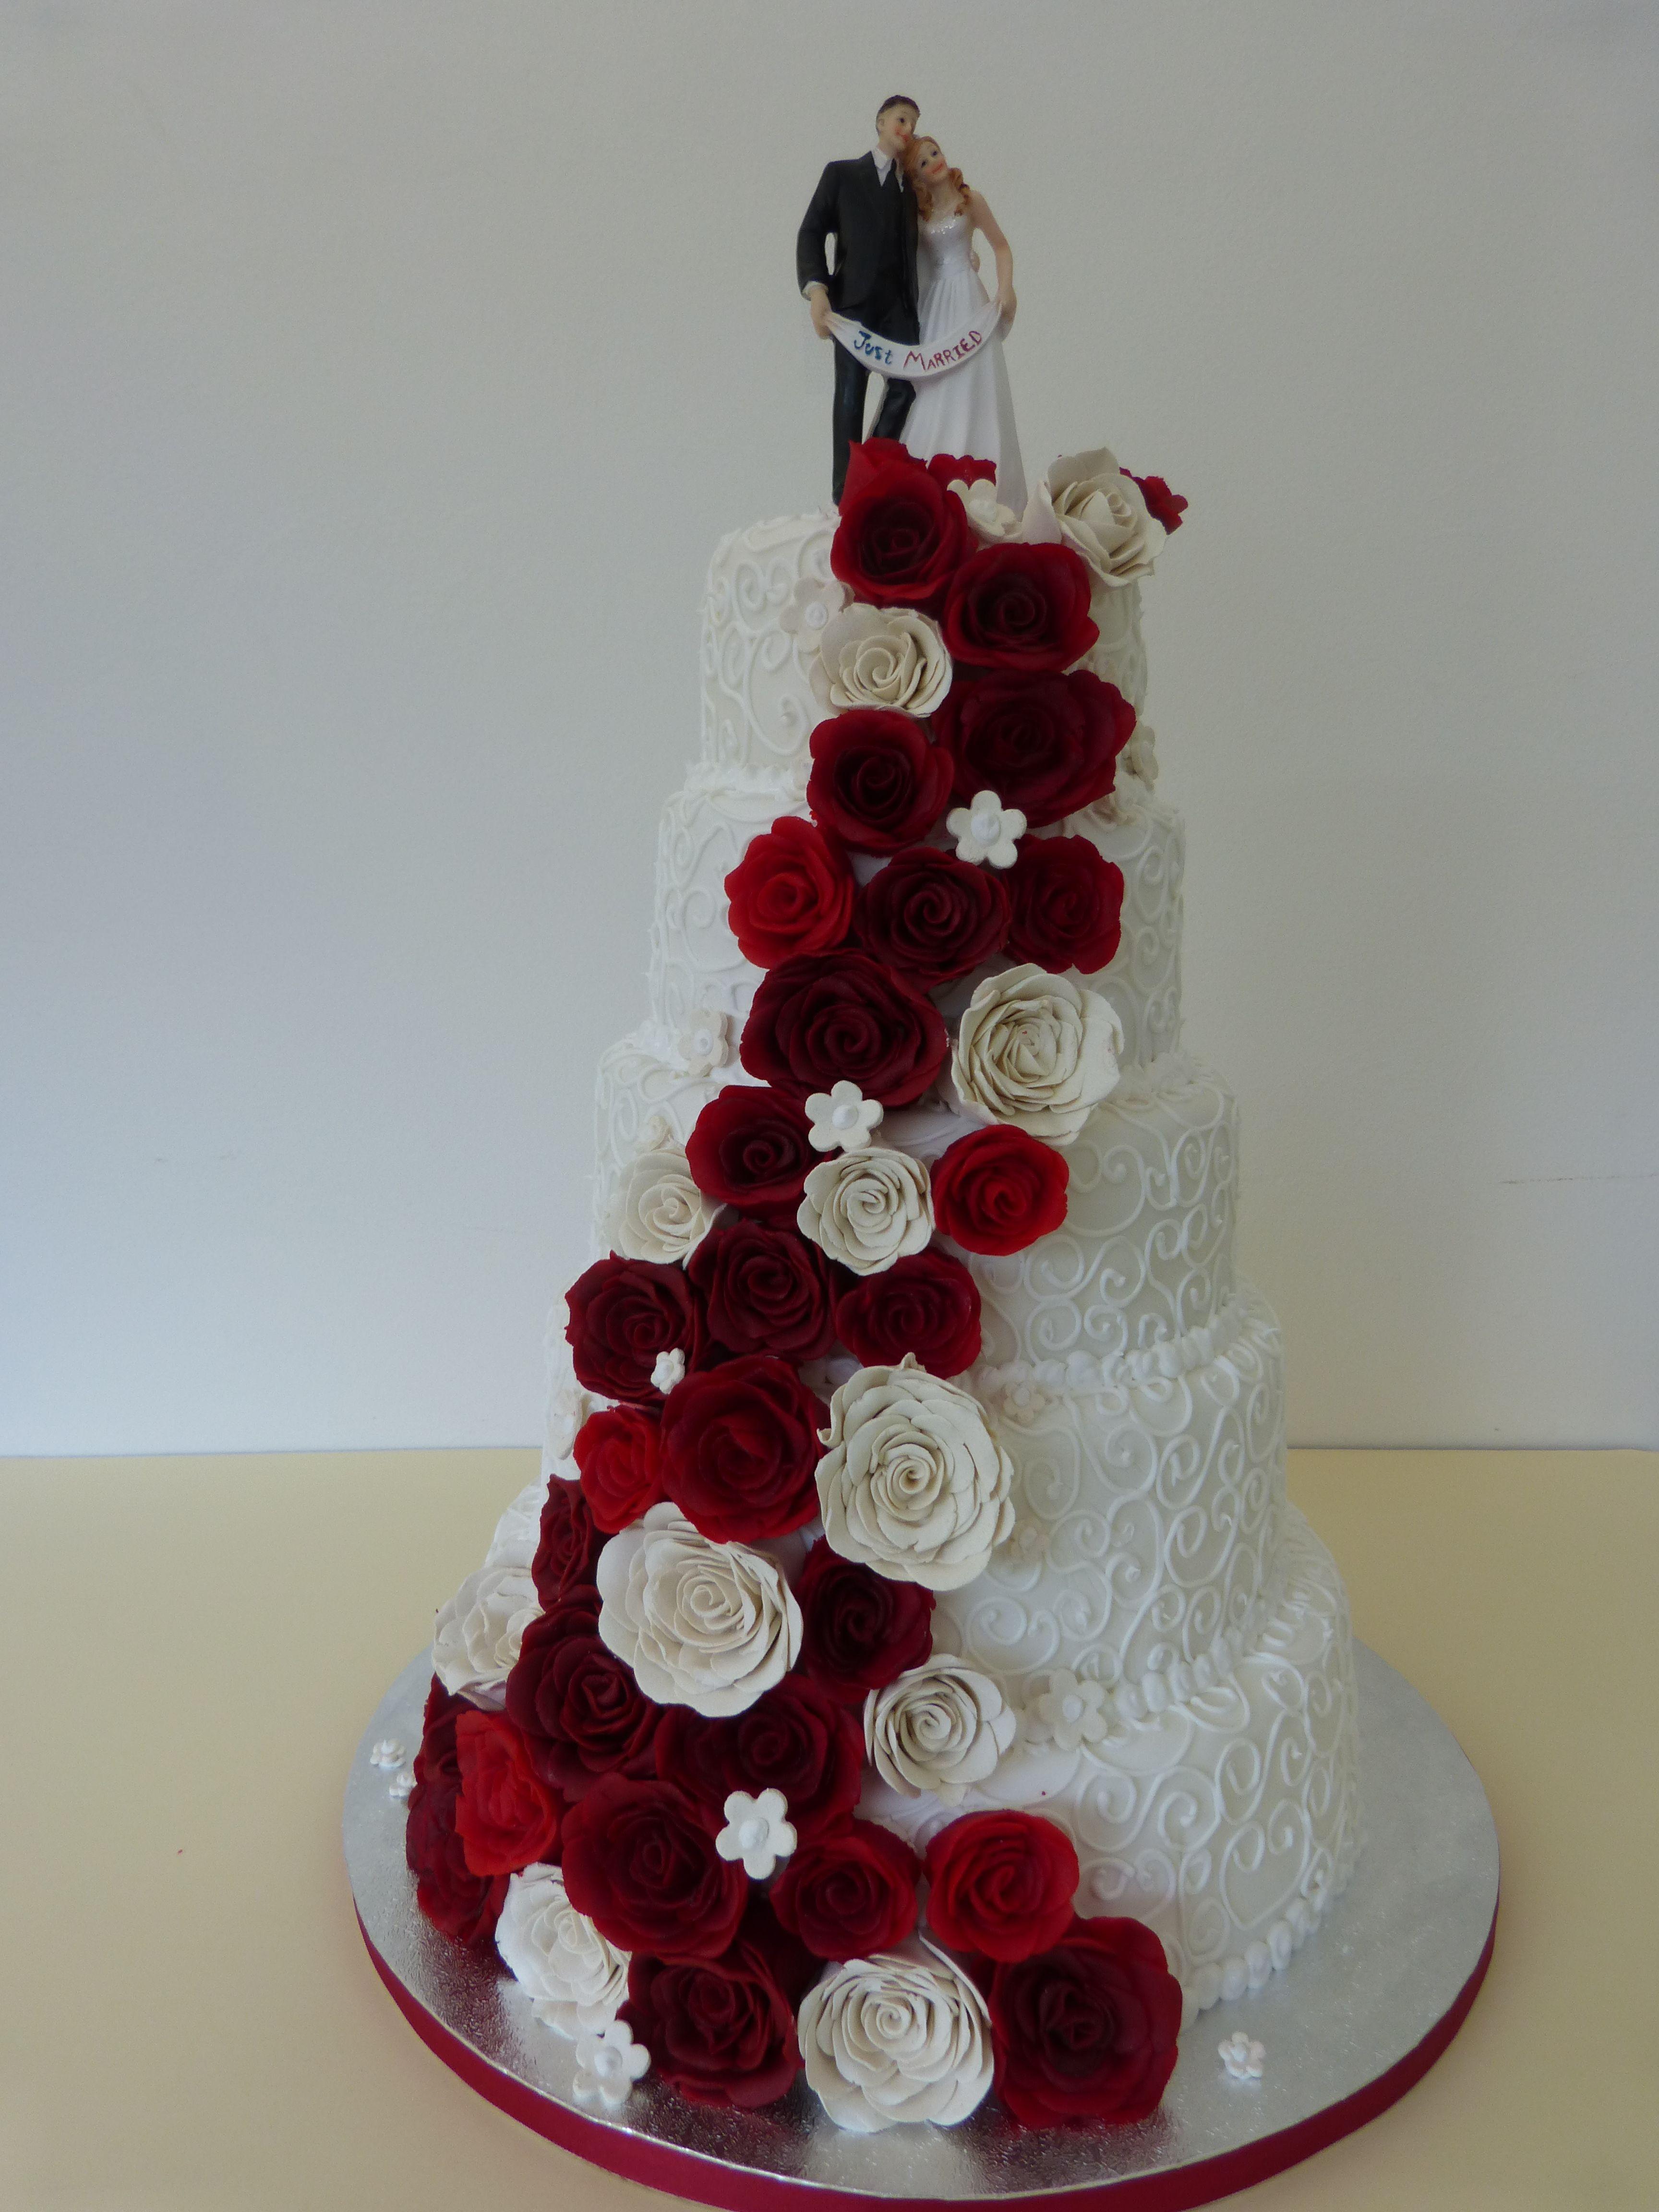 Wedding Cake Cake Wedding Hochzeitstorte Rot Weiss Rosen Konz